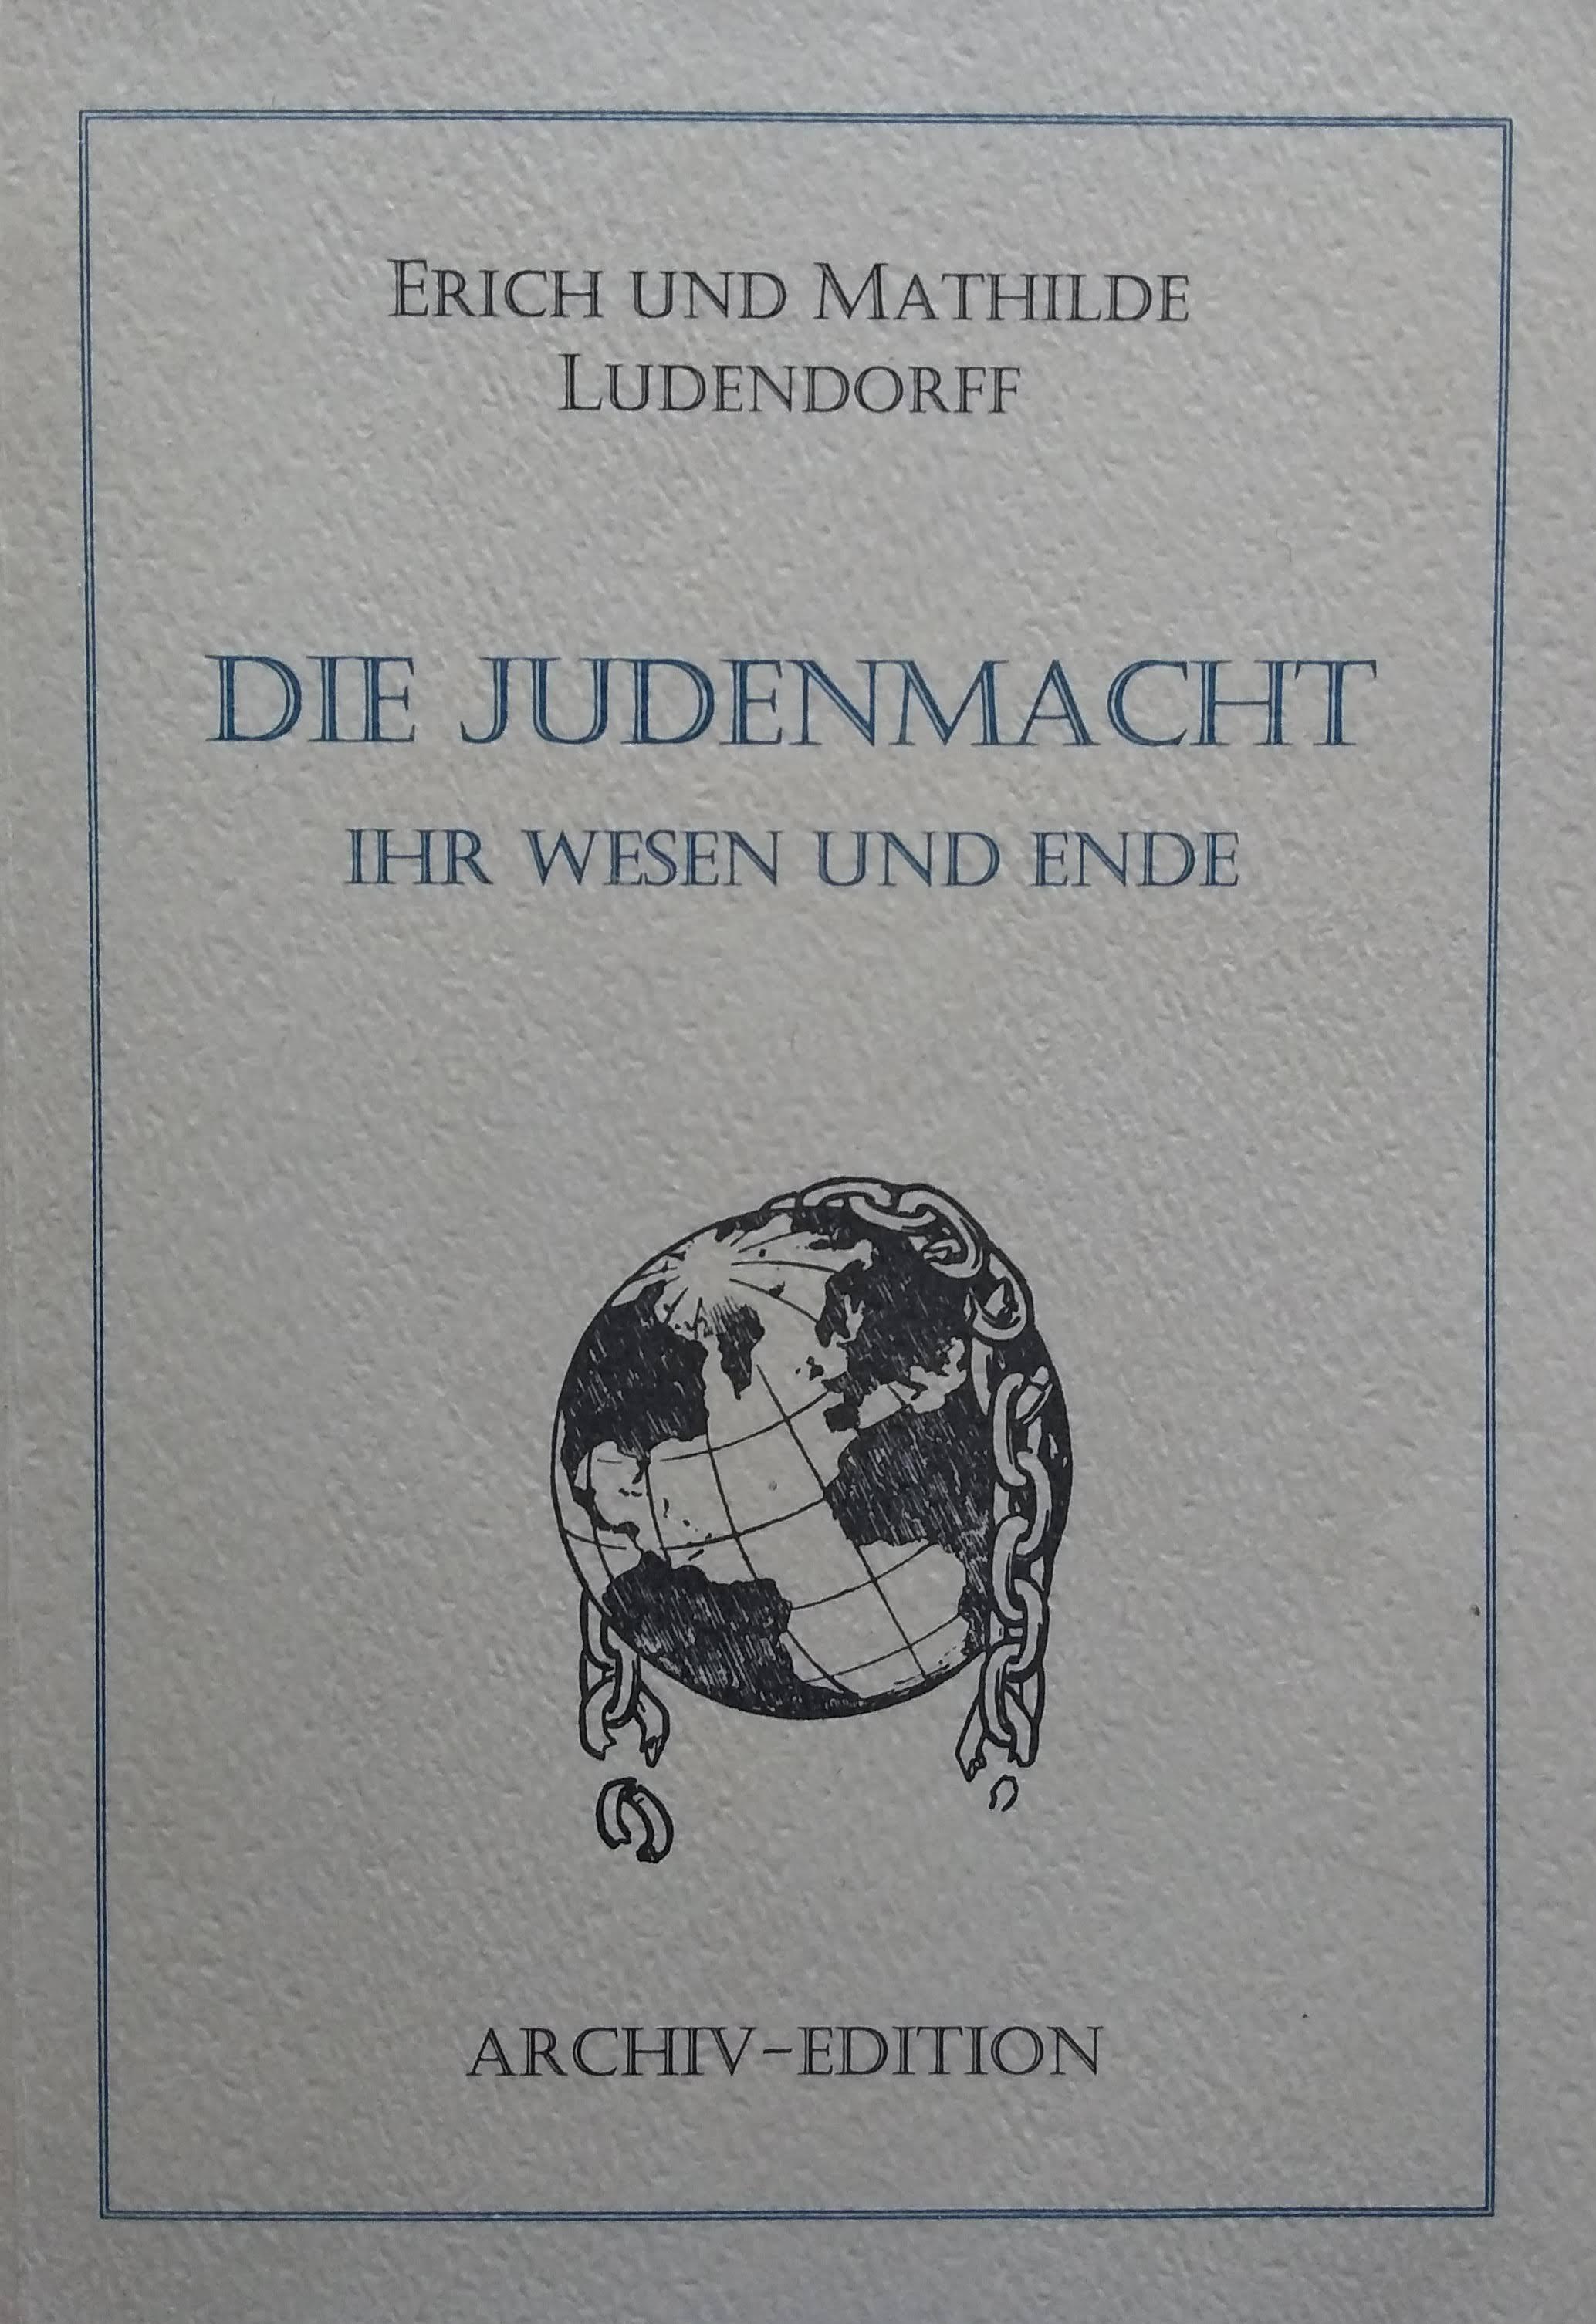 Die Judenmacht ihr wesen und ende